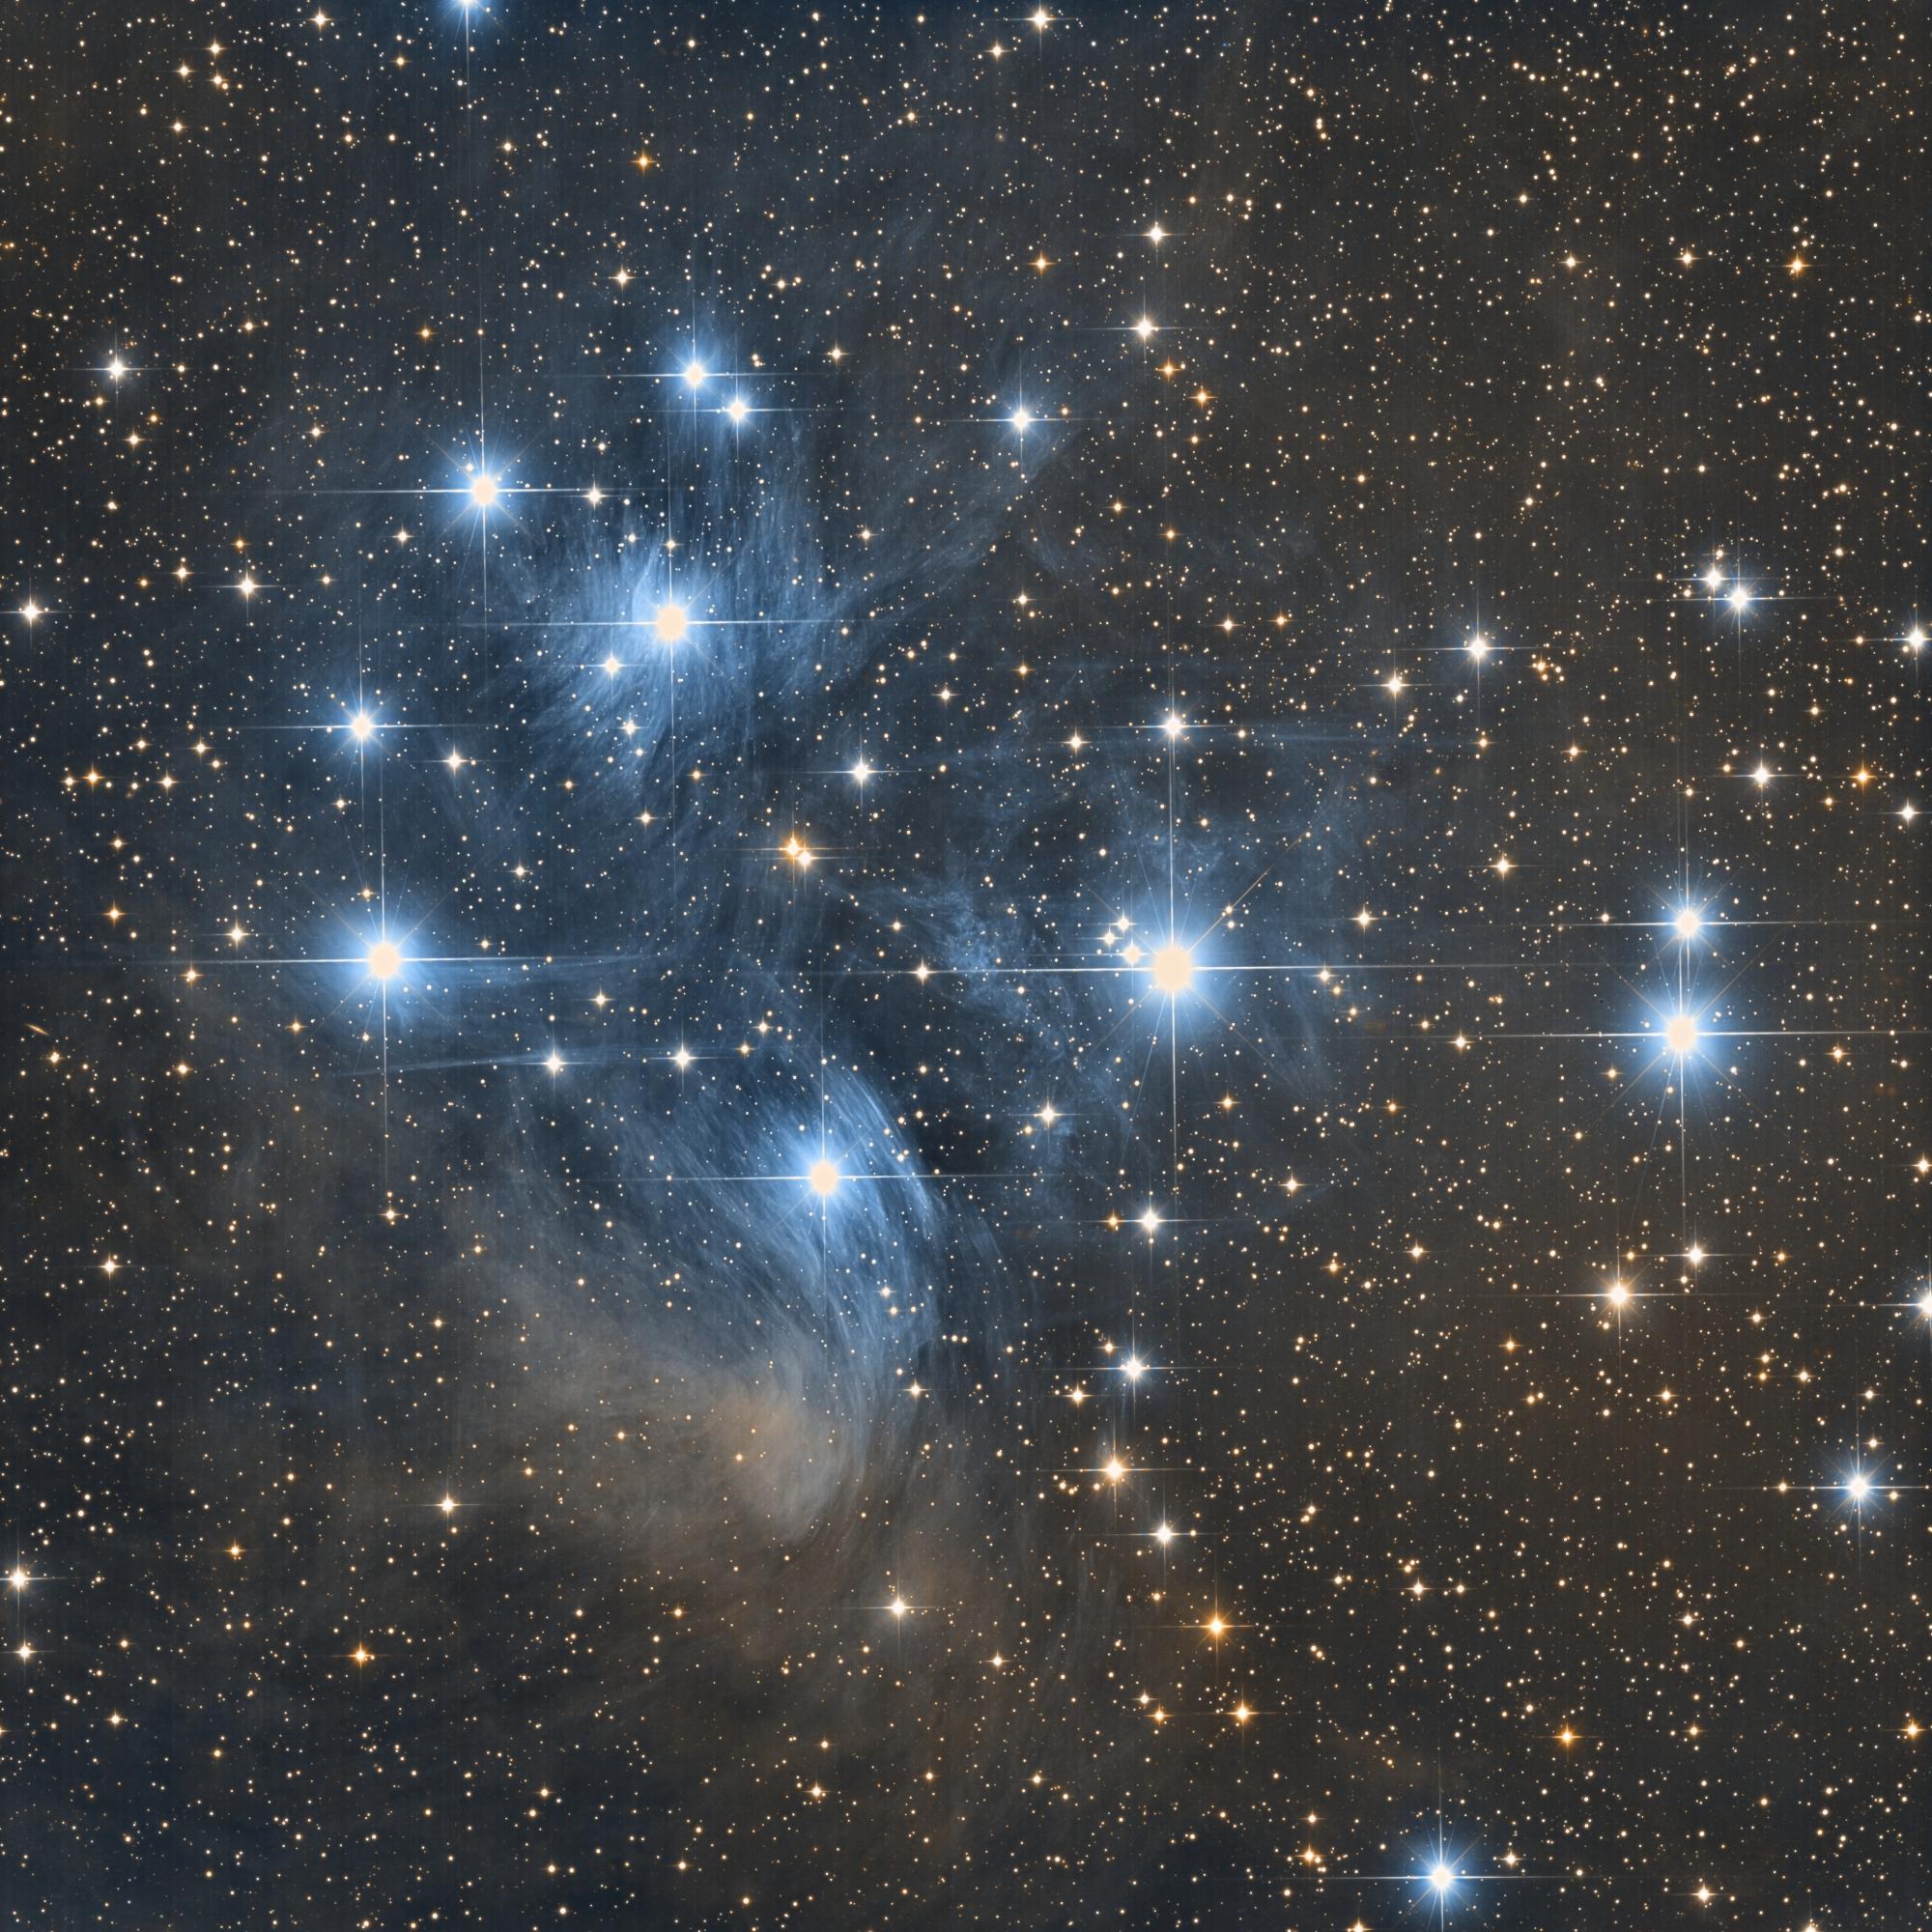 M45_RVB_3h45_V11VFdu_14-10-19VF0_du_16-10-19der.jpg